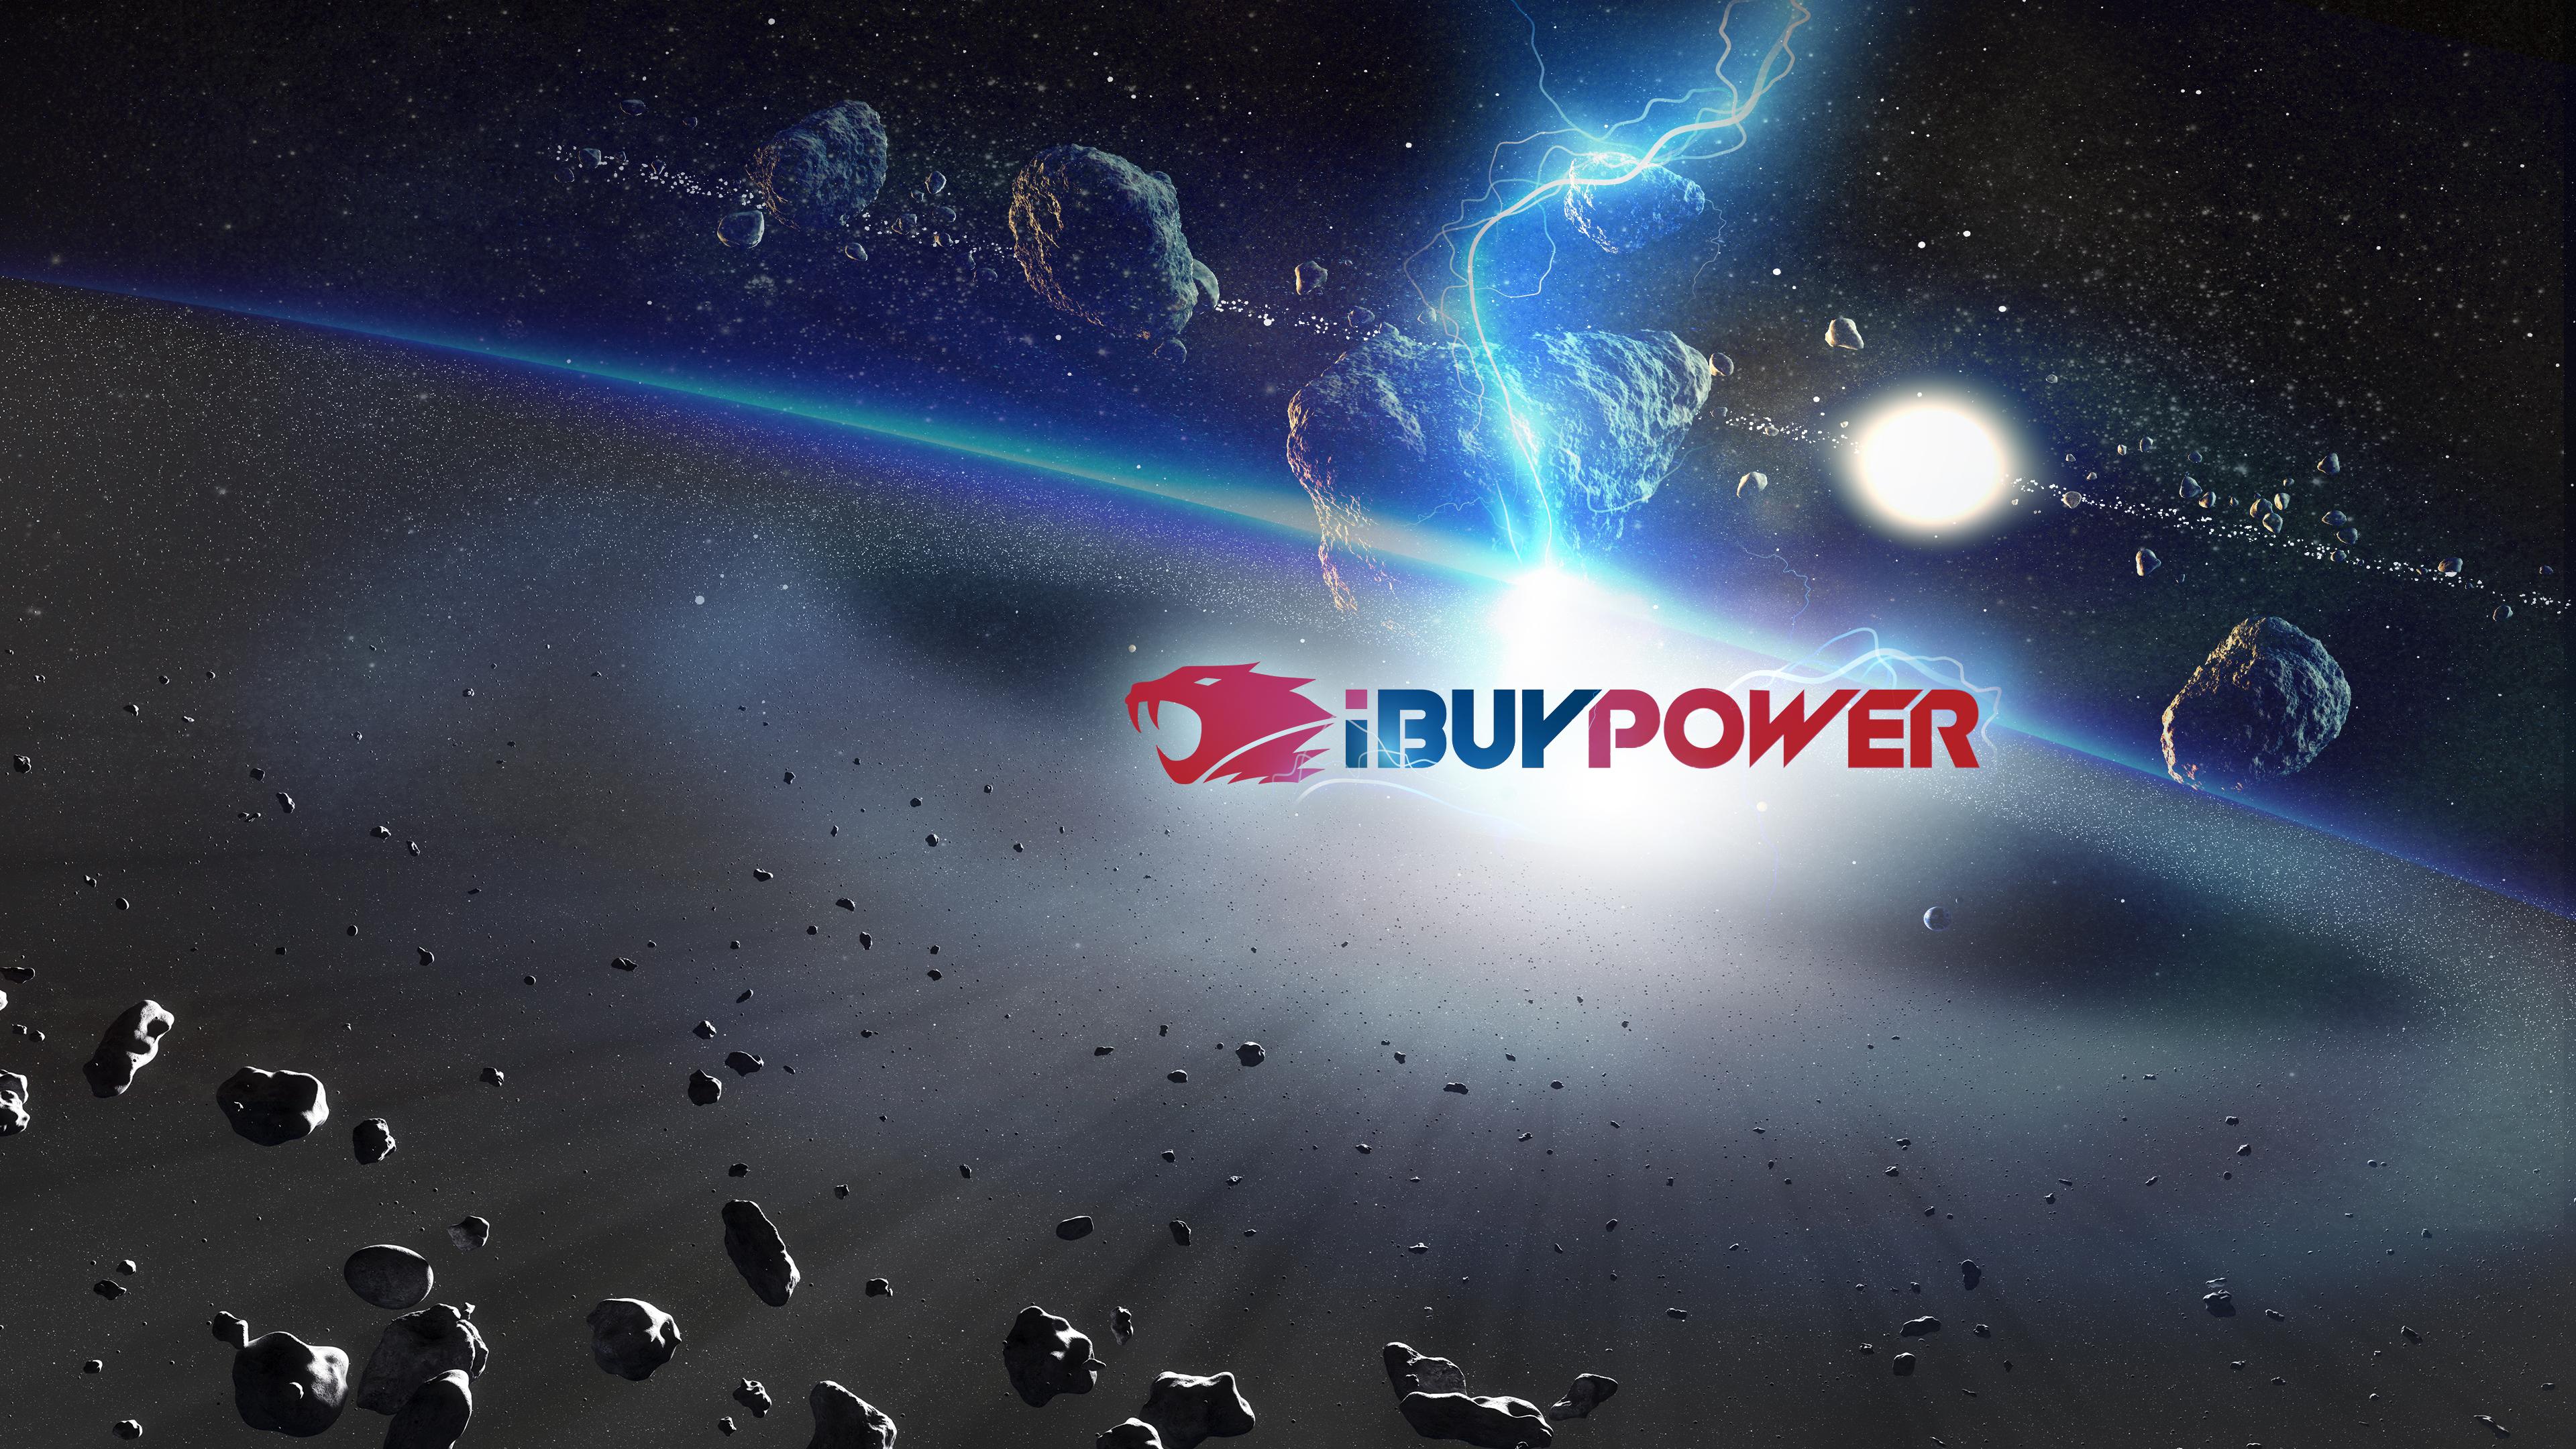 Ibuypower Wallpapers 4K 1920x1080 Wallperiocom 3840x2160